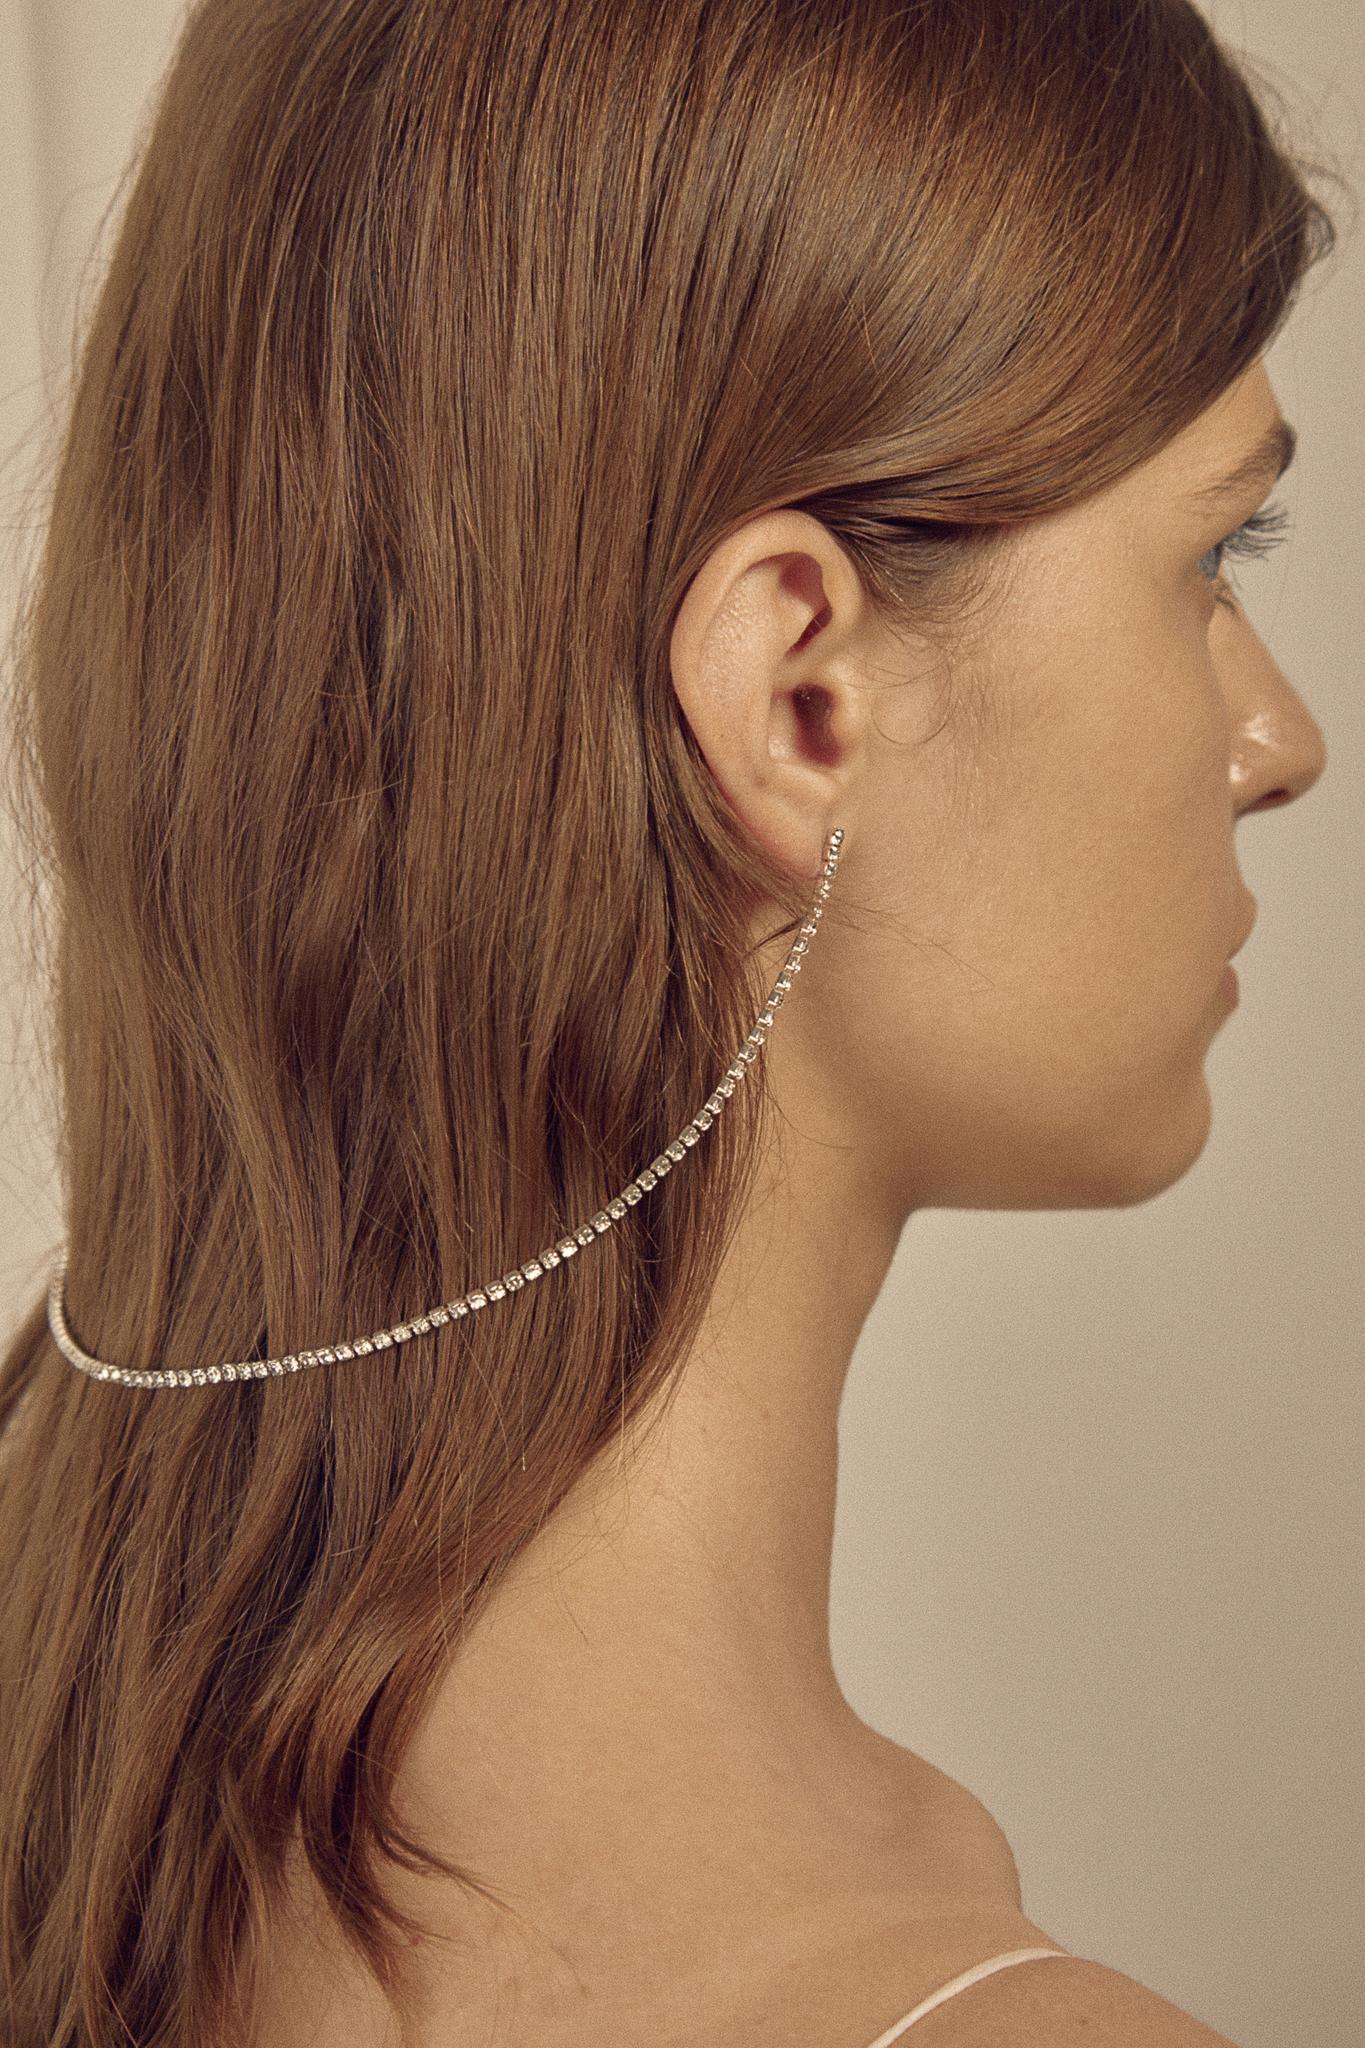 Серьга-украшение для волос ANAIS I